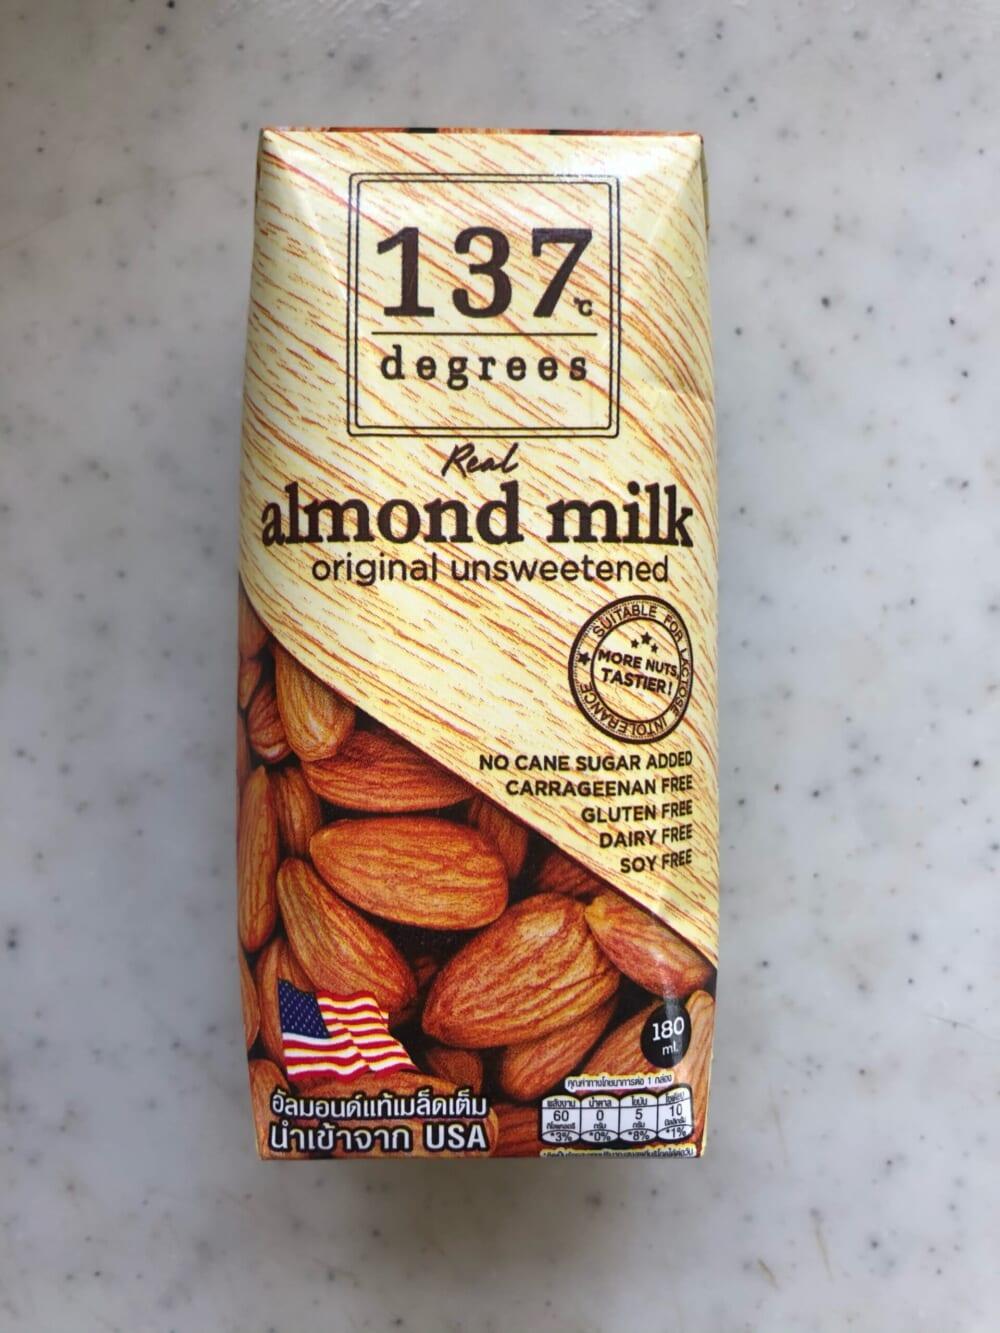 137ディグリーズアーモンドミルク/ハルナ